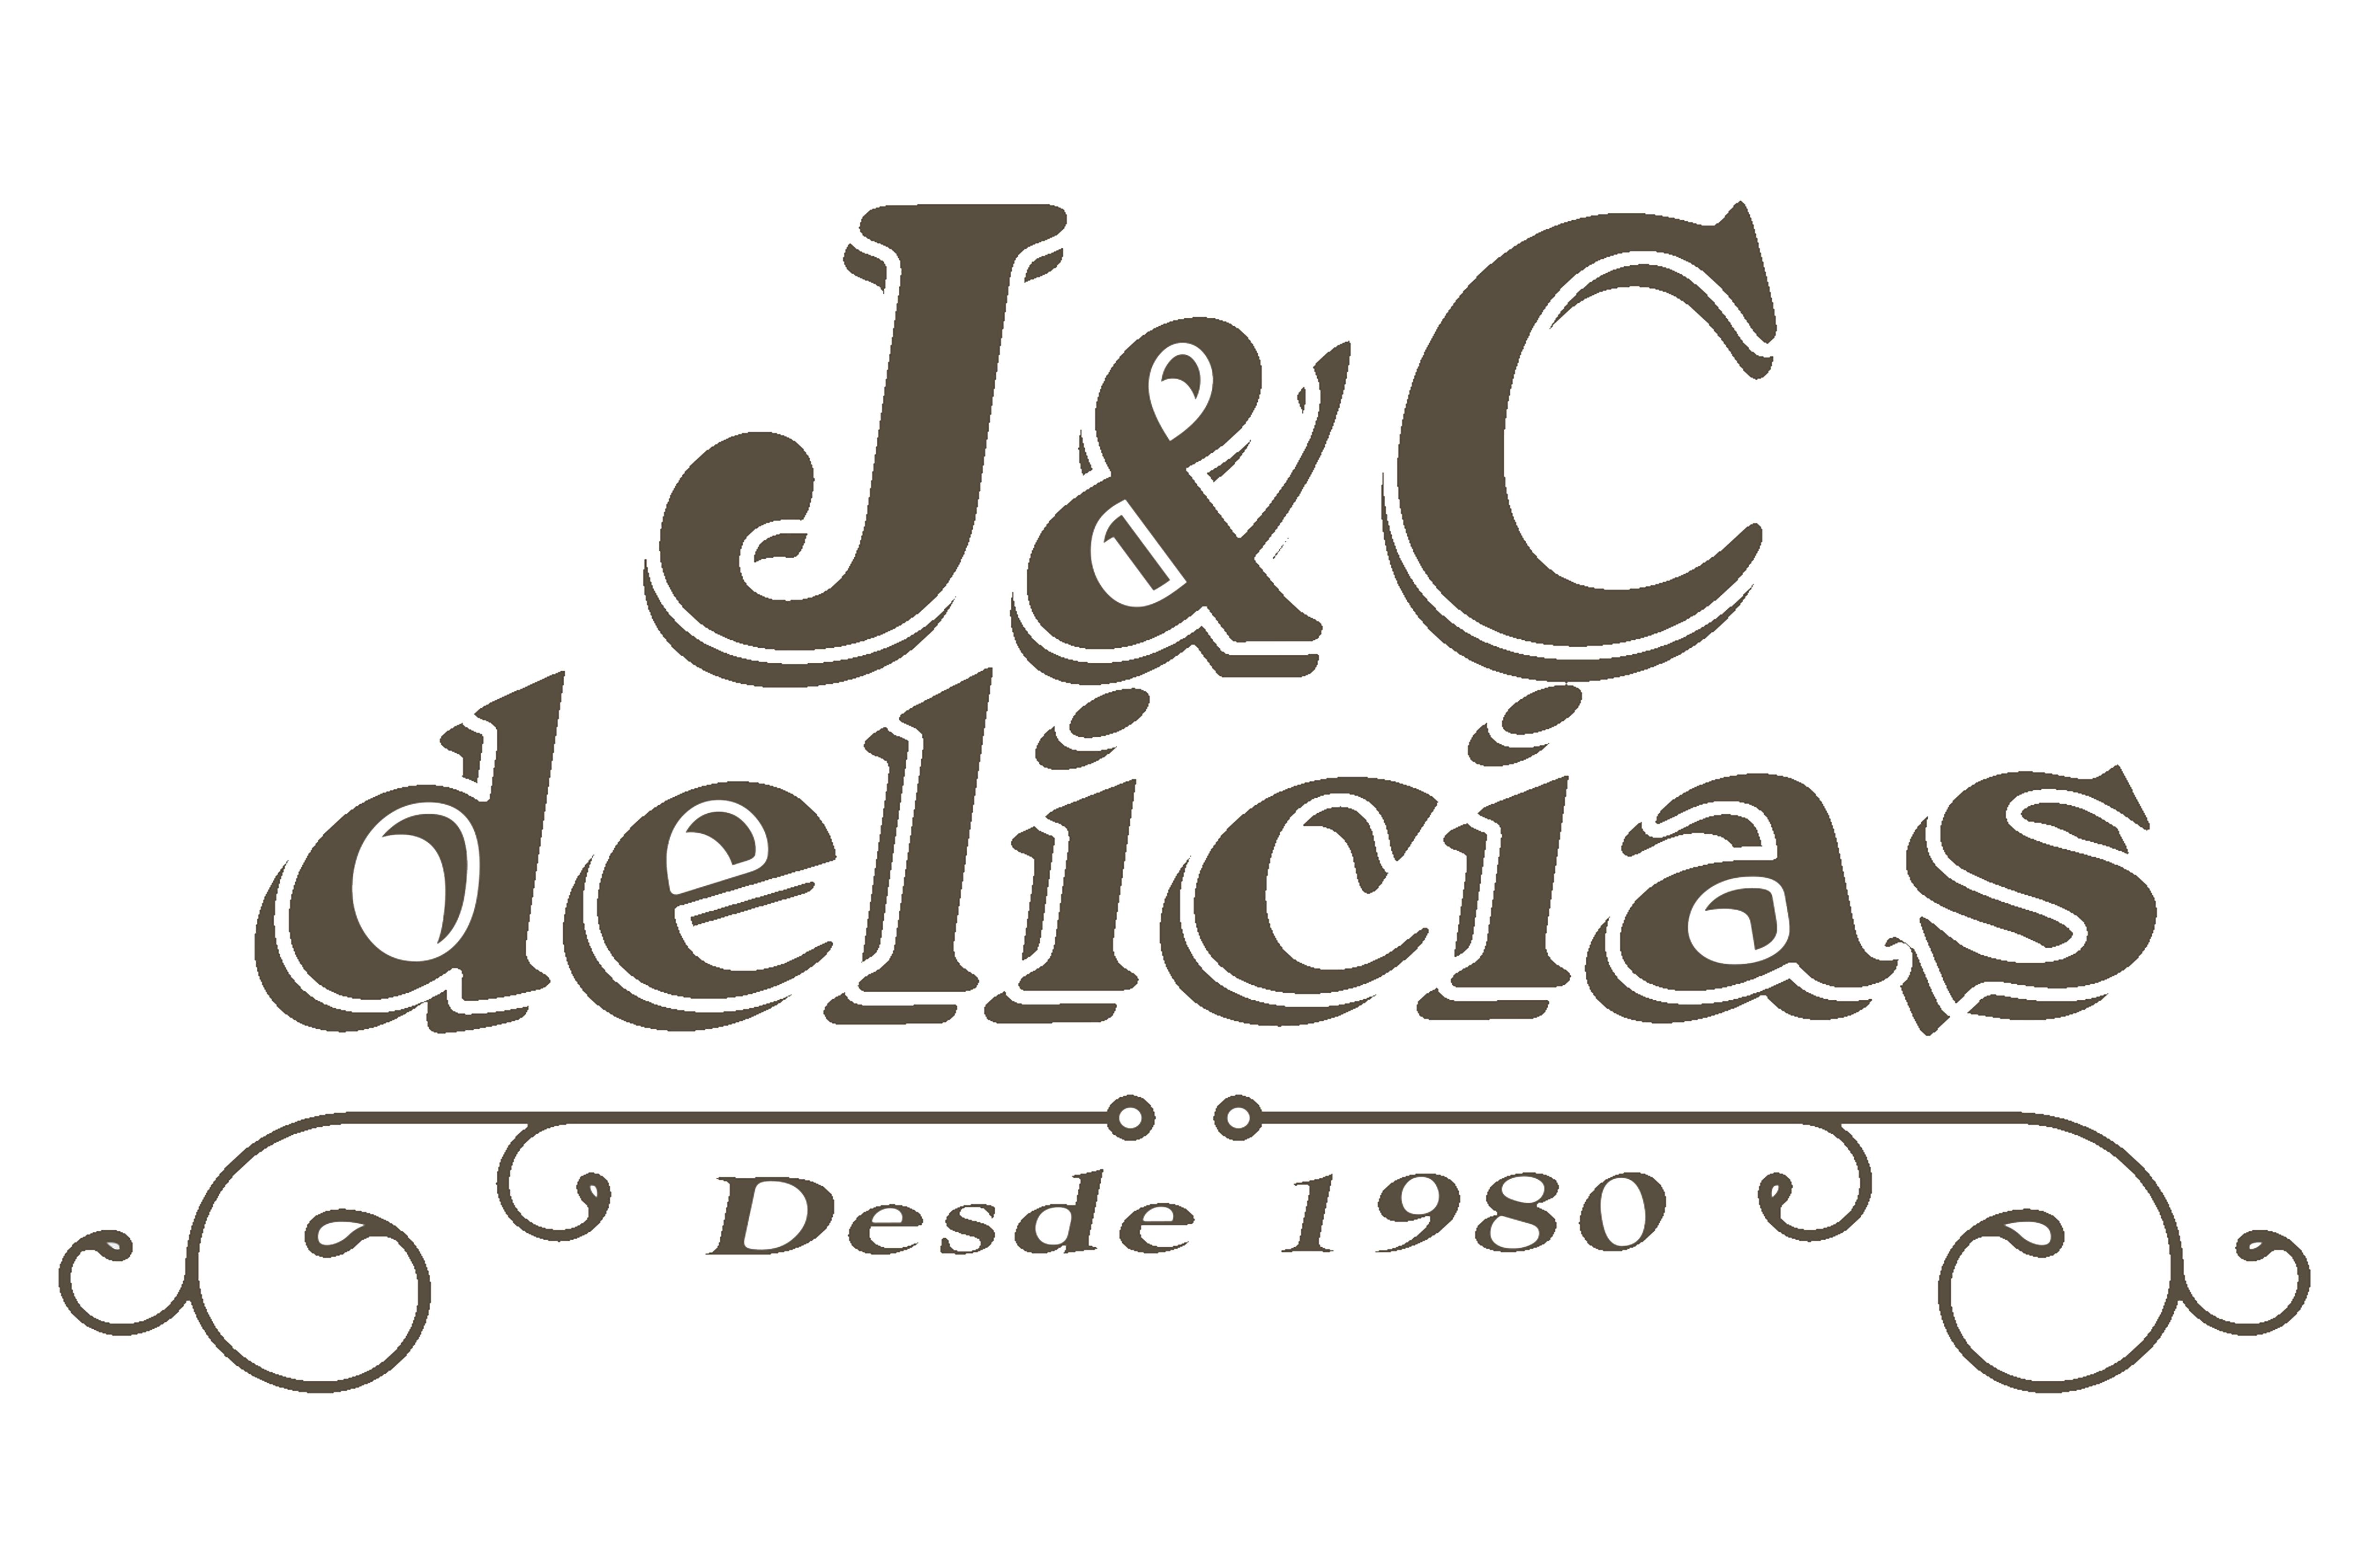 J&C Delicias Laureles Medellín